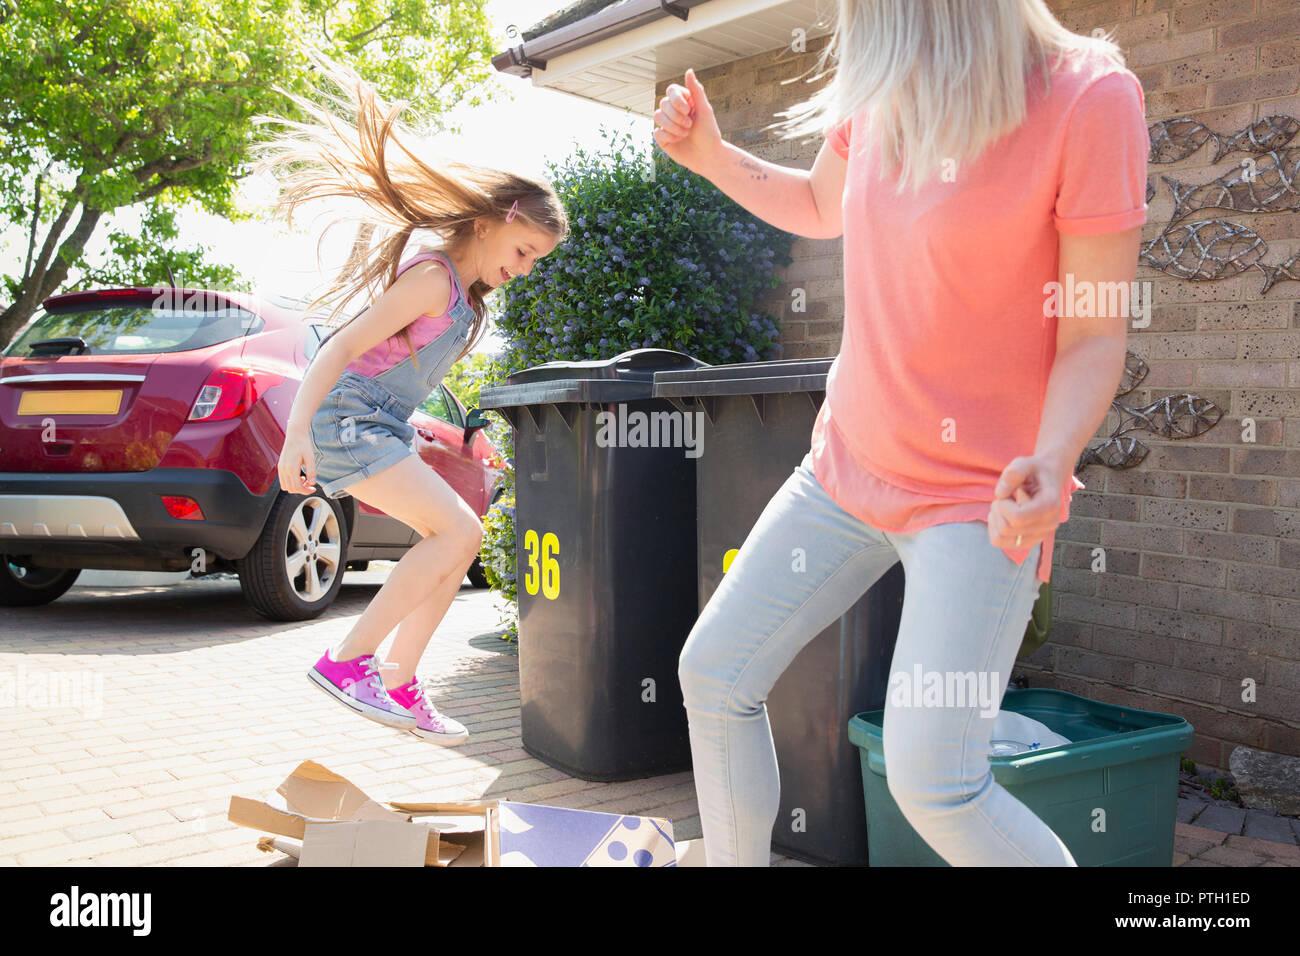 Mutter und Tochter, die Pappe für Recycling ausserhalb des Hauses Stockbild